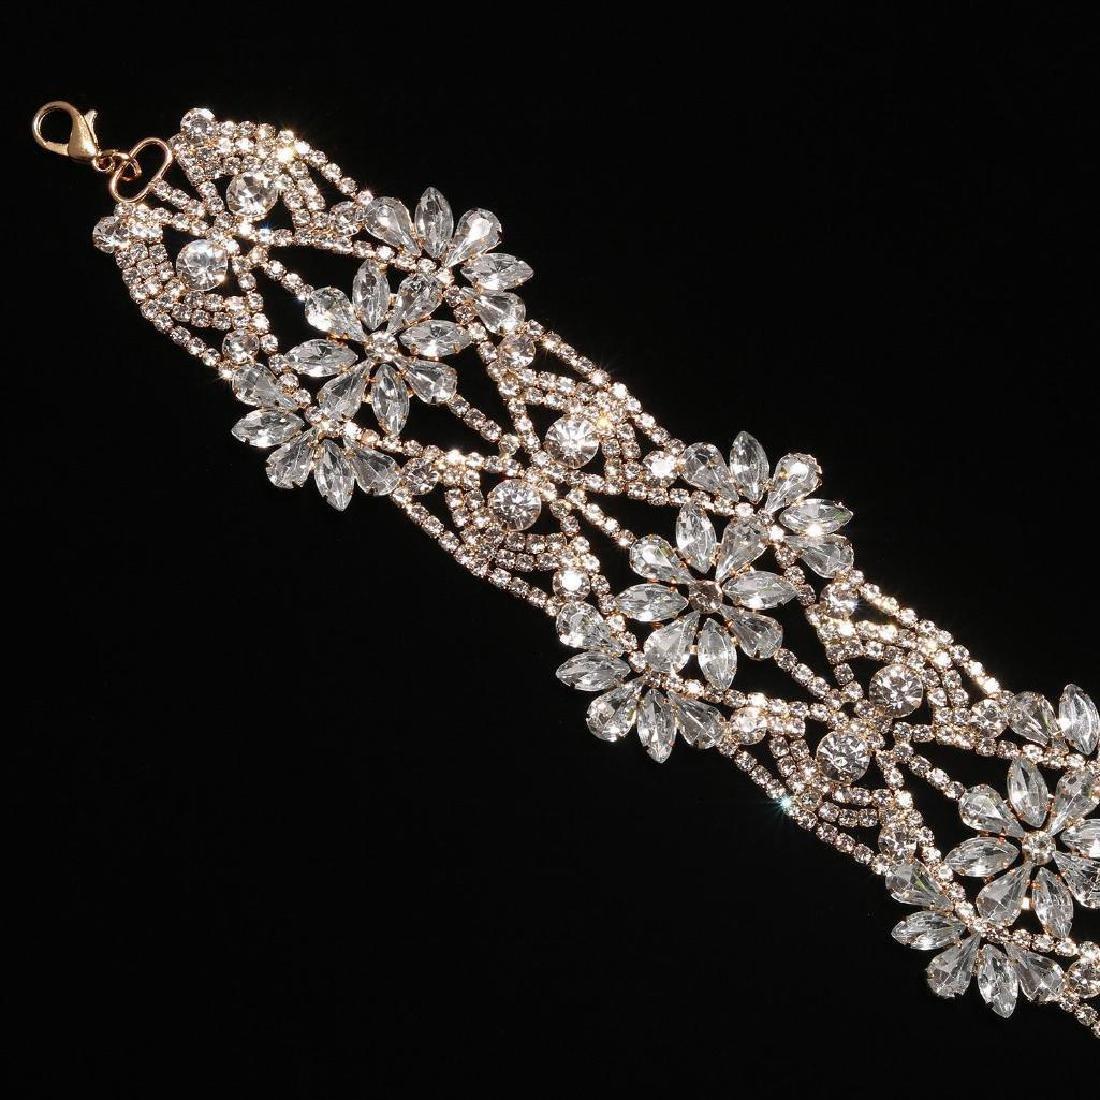 Holylove Rhinestone Crystal Charm Wide Collar Bib - 5